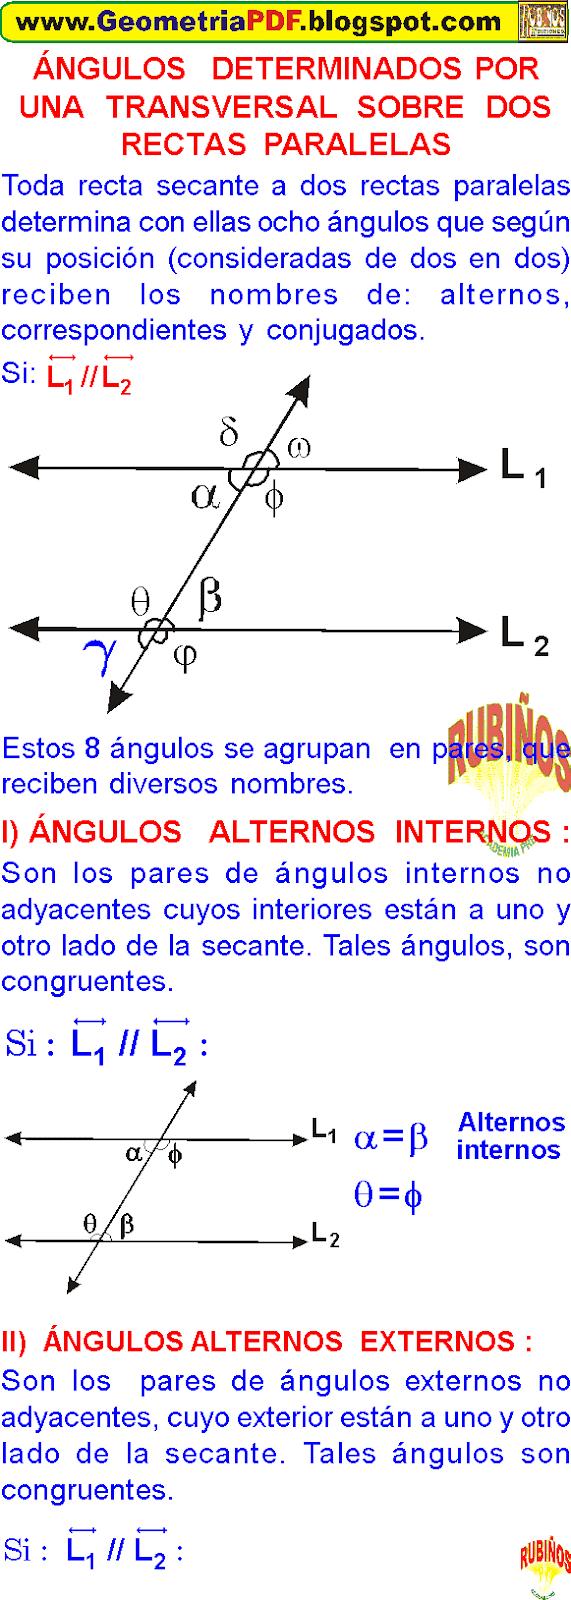 ejercicios de dos rectas paralelas y una transversal